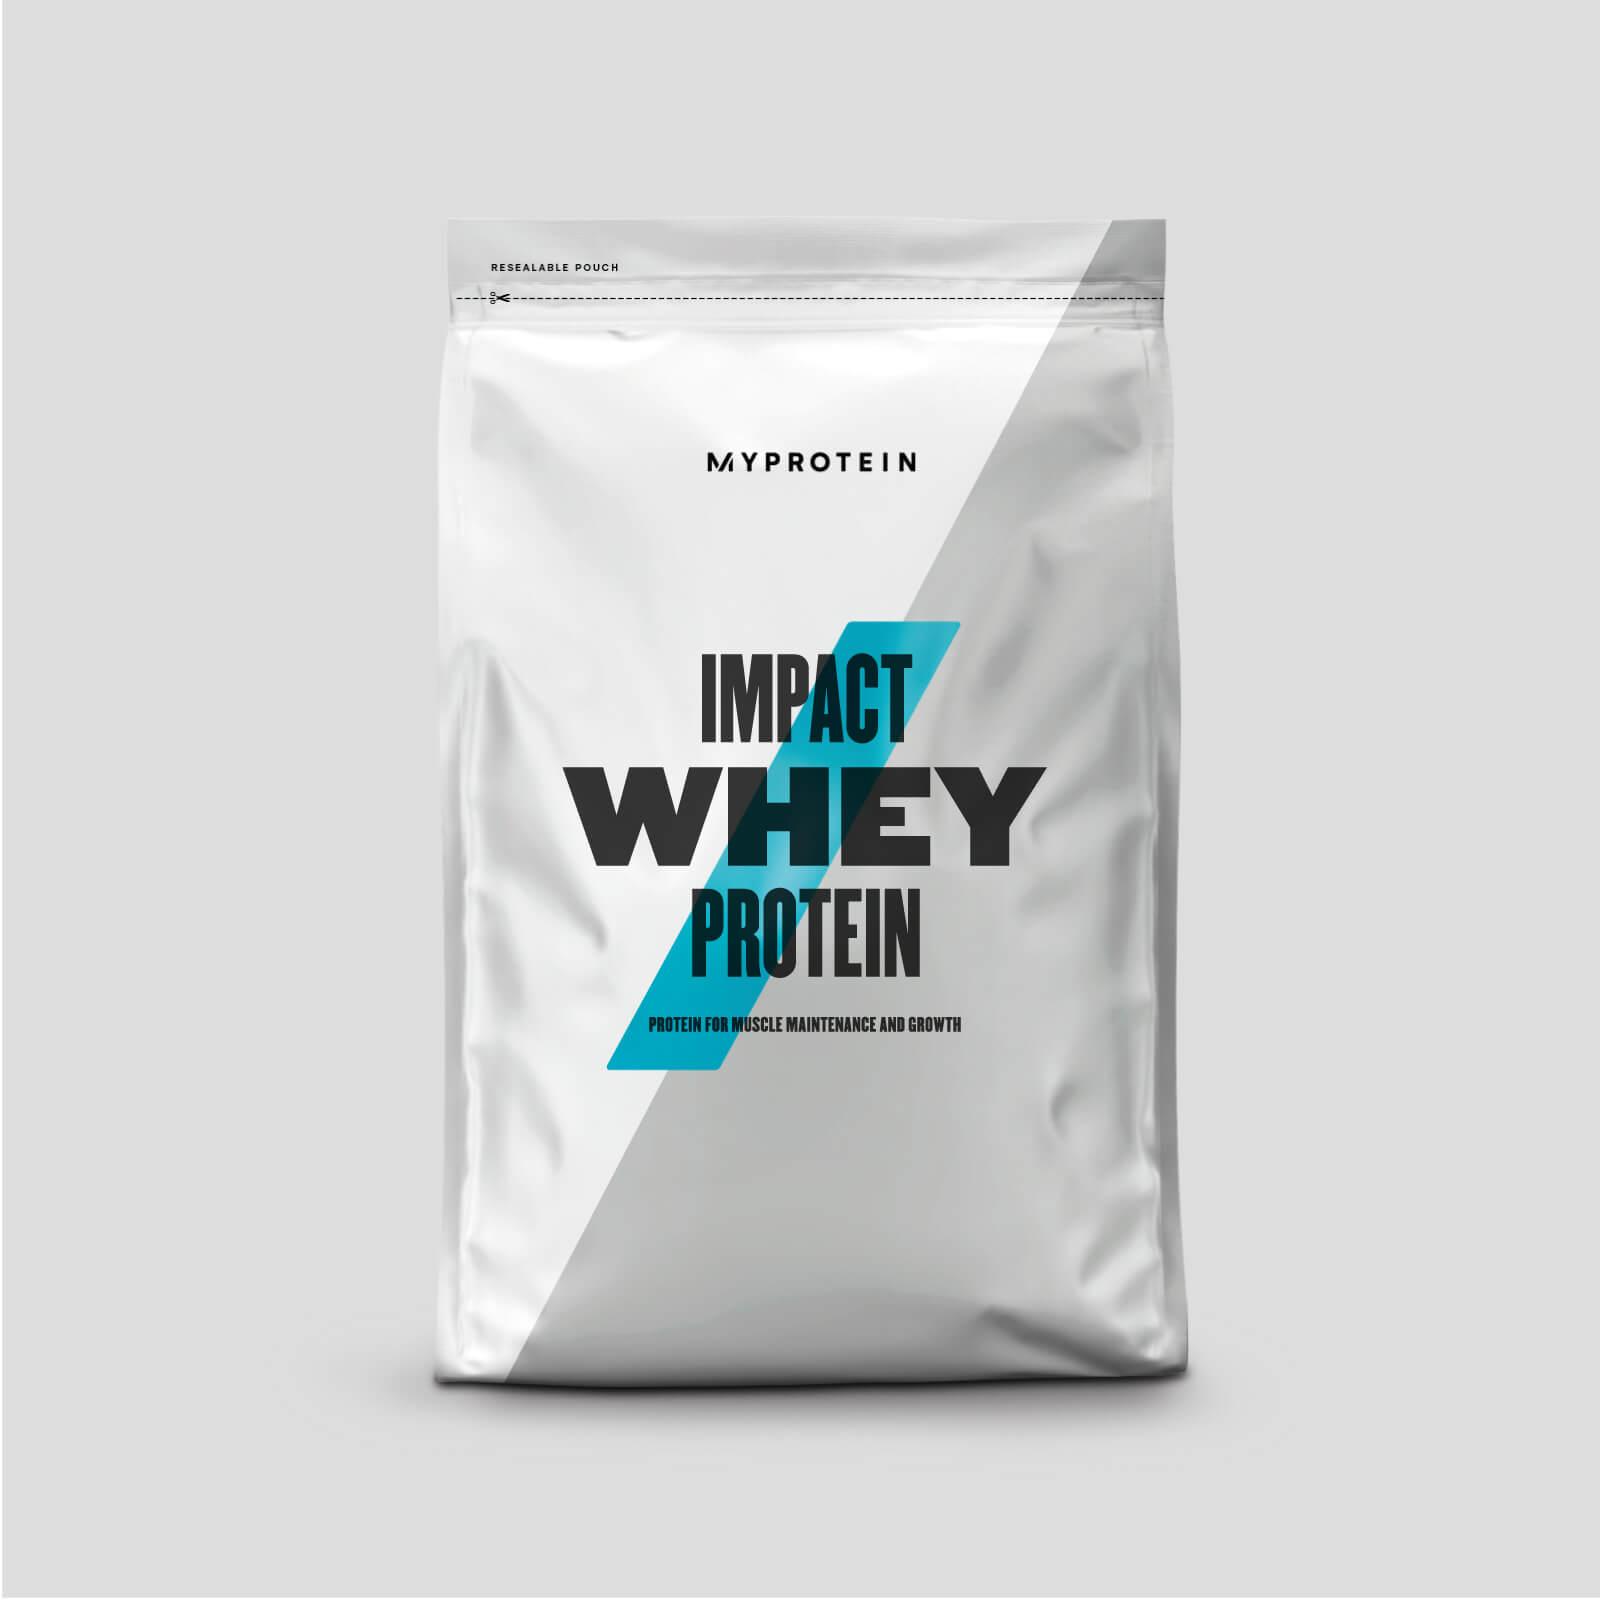 Myprotein Impact Whey Protein - 2.5kg - Menthe chocolat